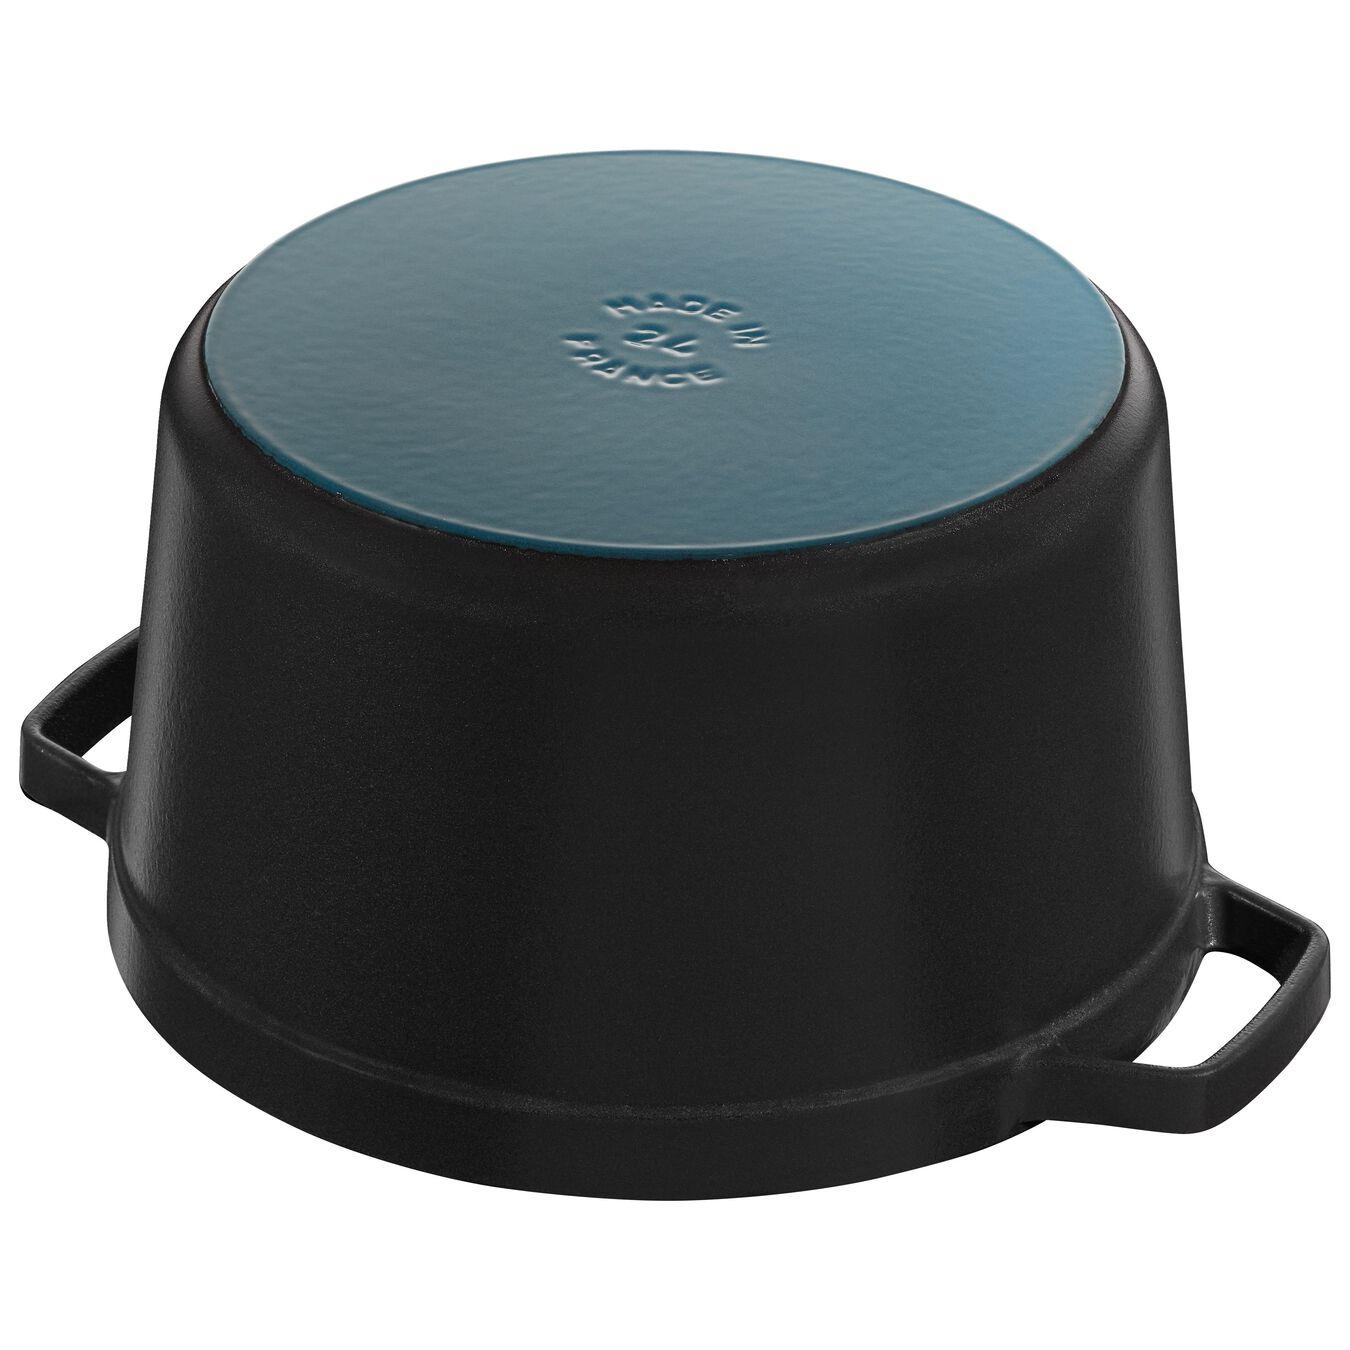 Cocotte 24 cm, Rond(e), Noir, Fonte,,large 4